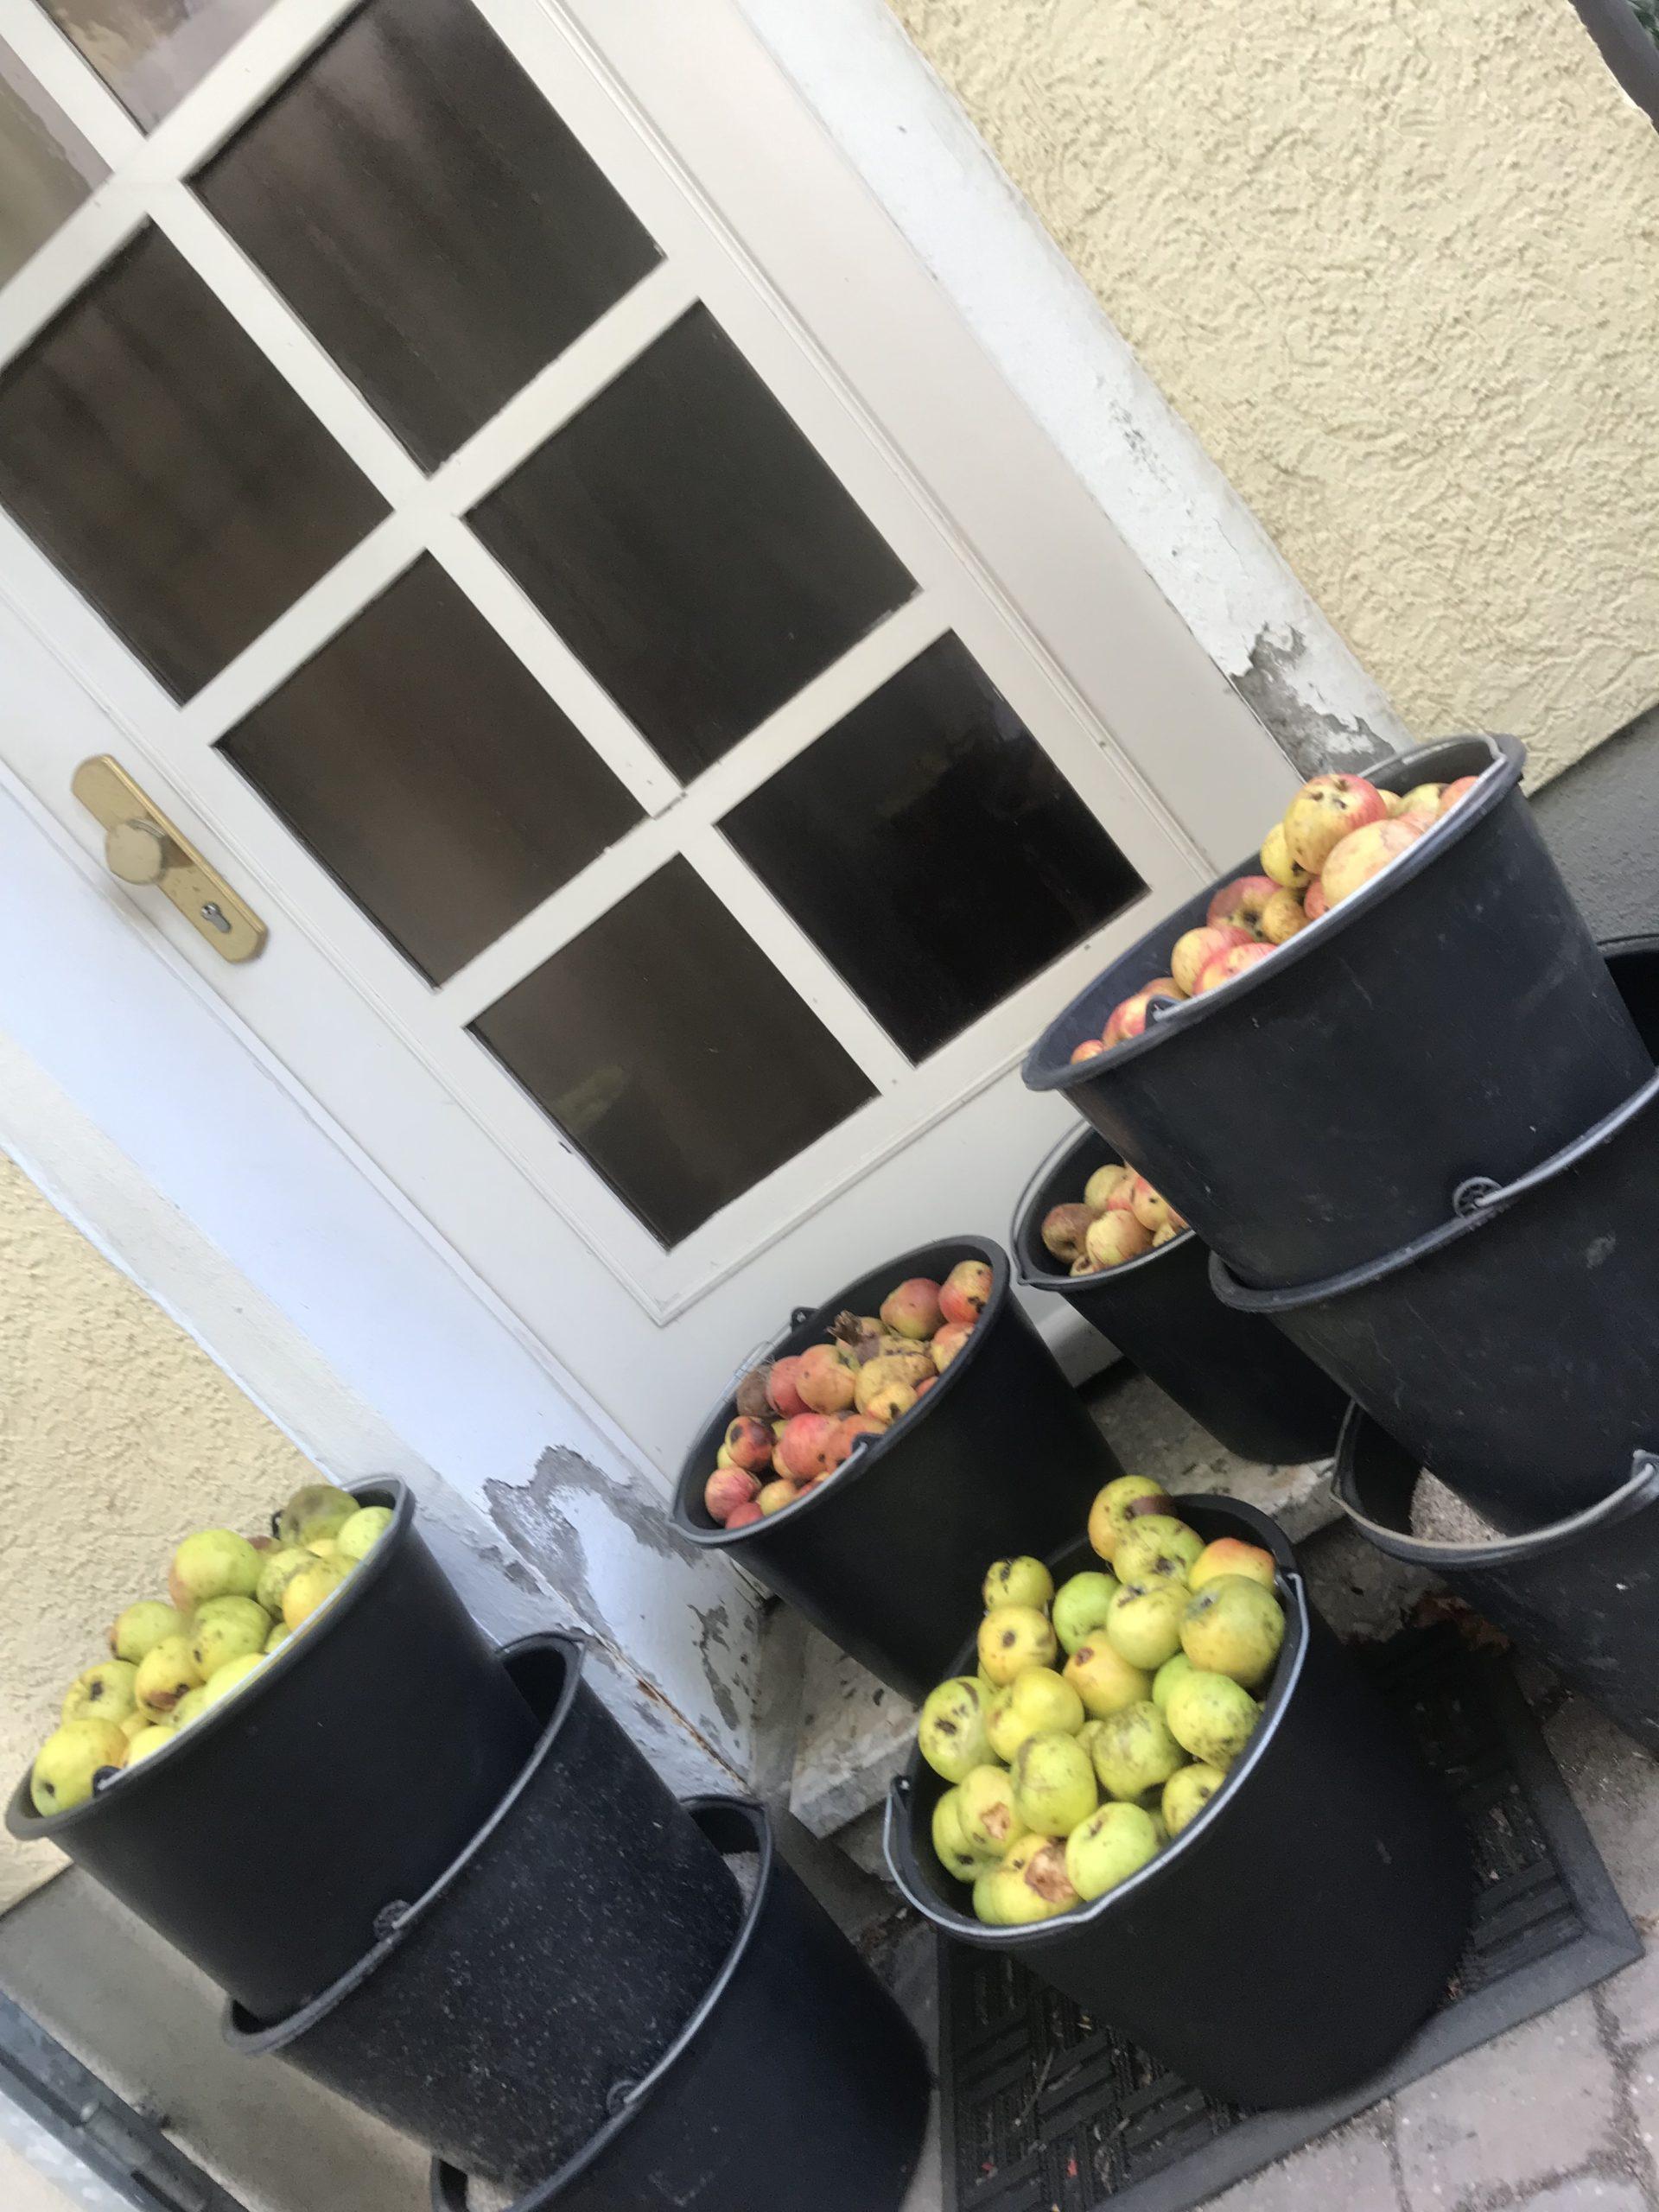 Viele Eimer mit aufgesammelten Äpfeln